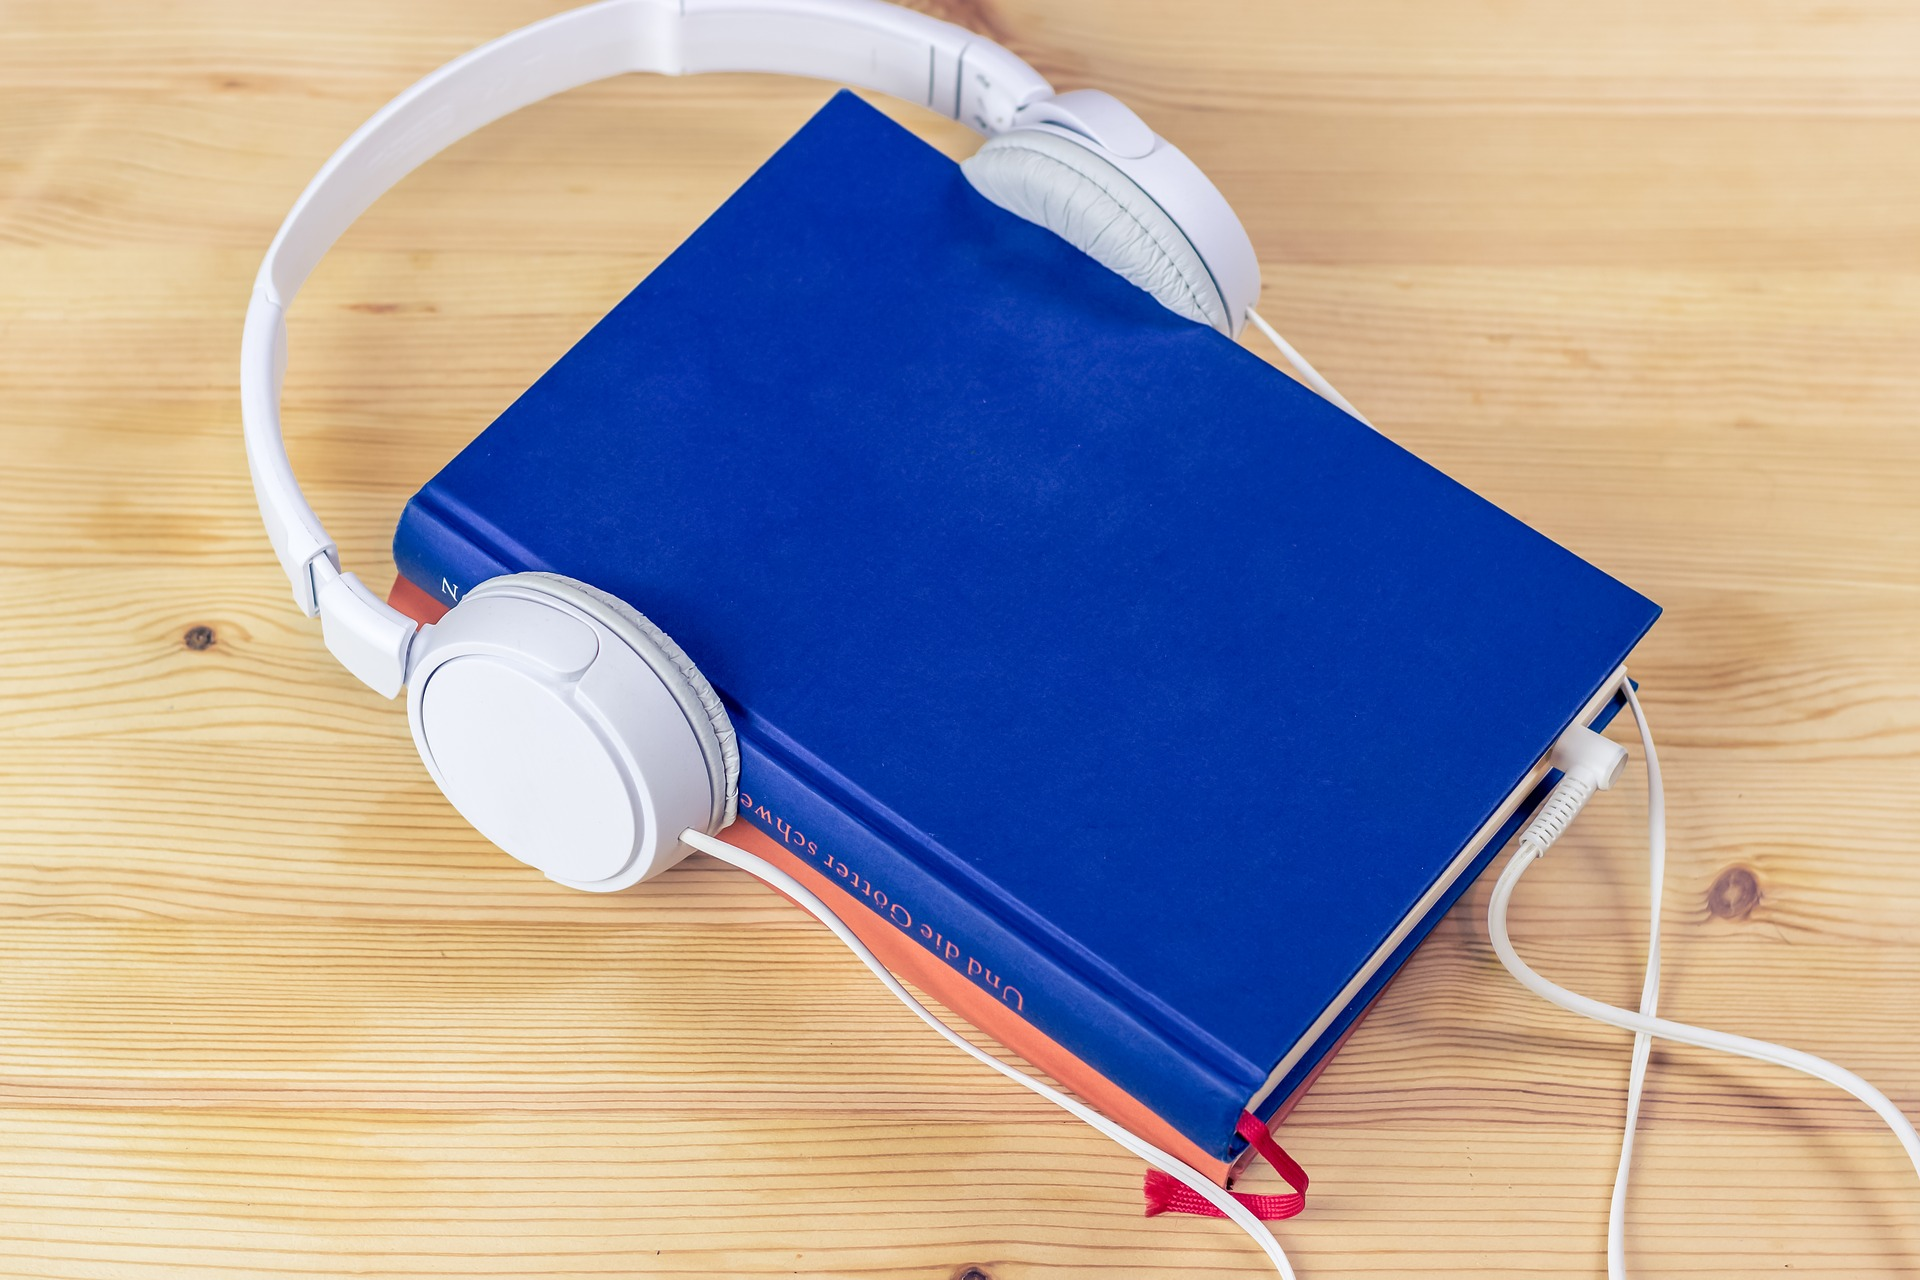 Audiobook (Quelle: Pixabay - Freie kommerzielle Nutzung Kein Bildnachweis nötig)